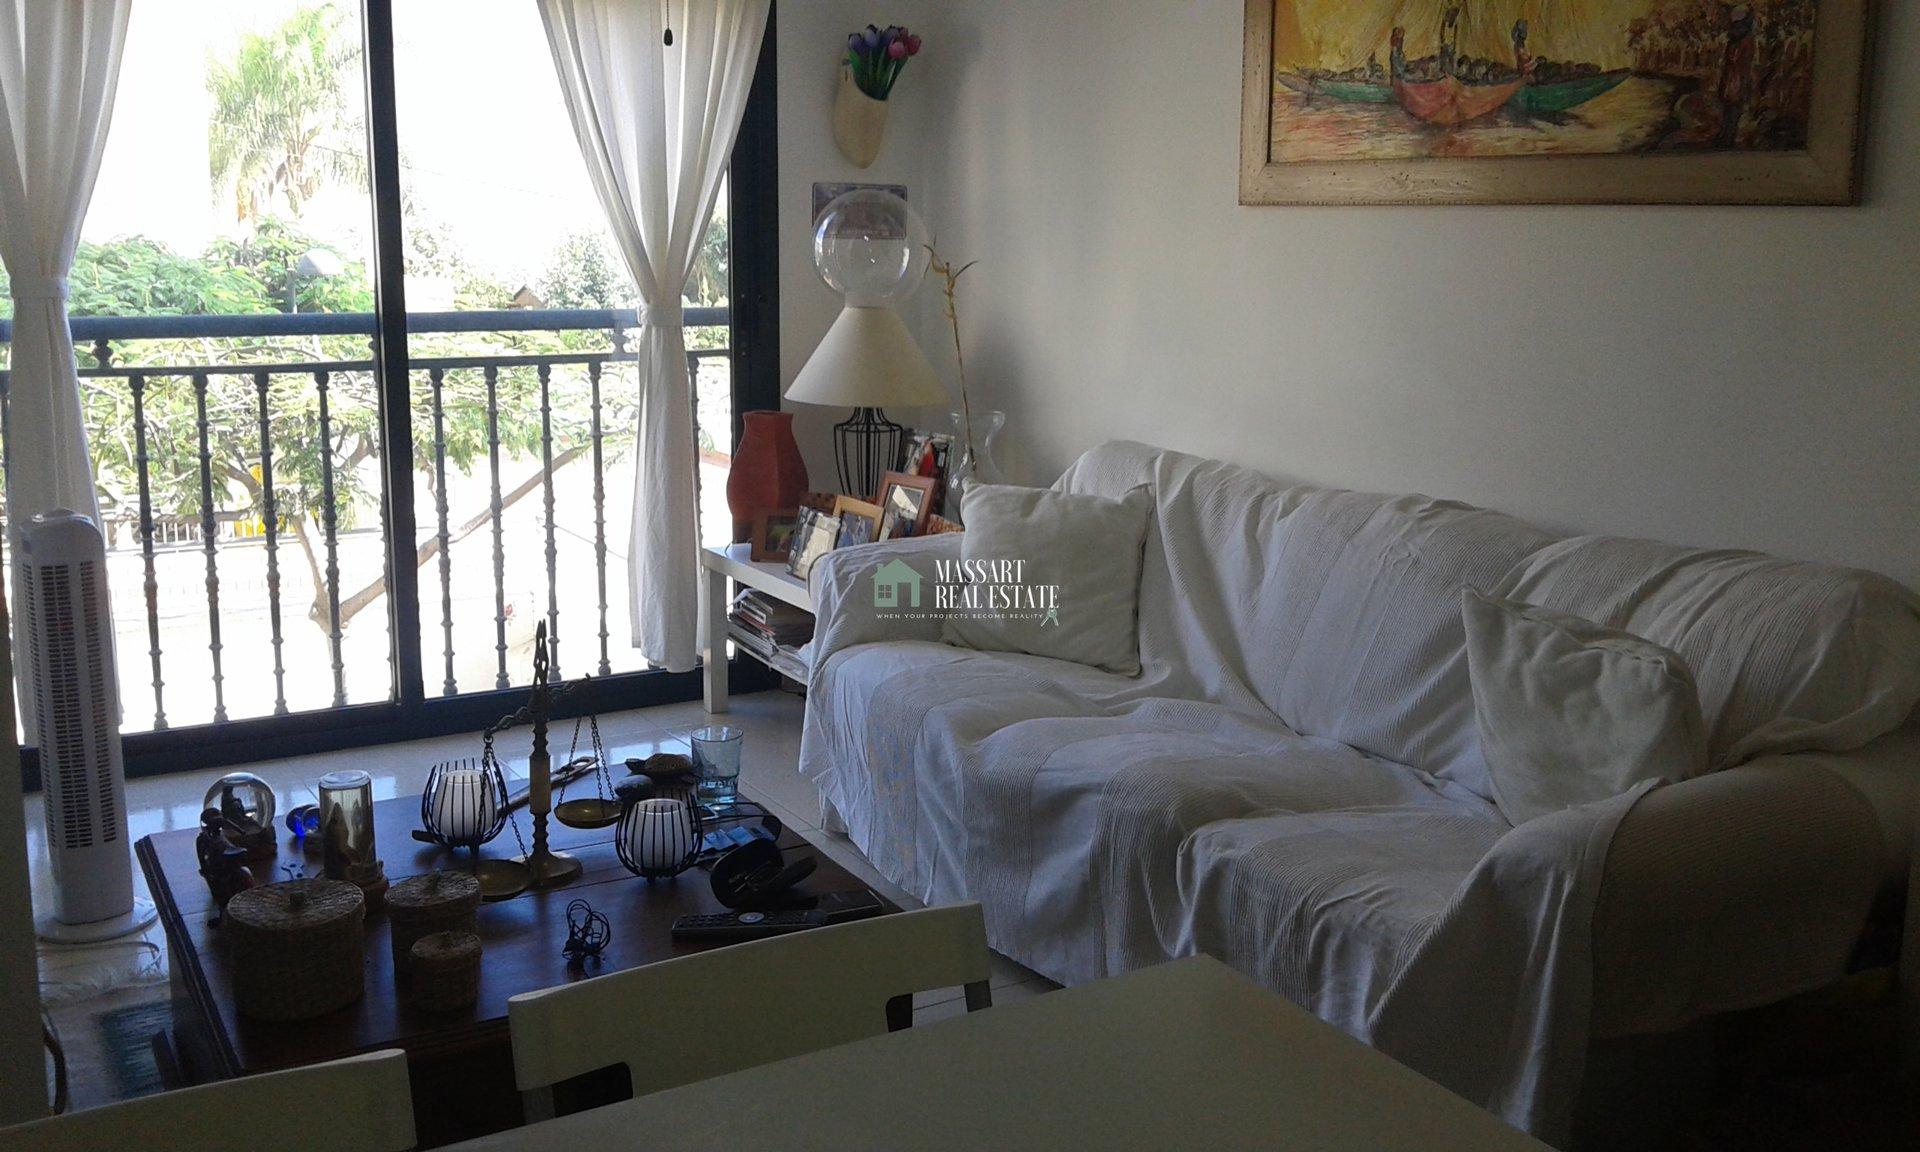 Appartement meublé de 53 m2 situé à Guargacho, dans un complexe résidentiel nouvellement construit avec piscine commune.